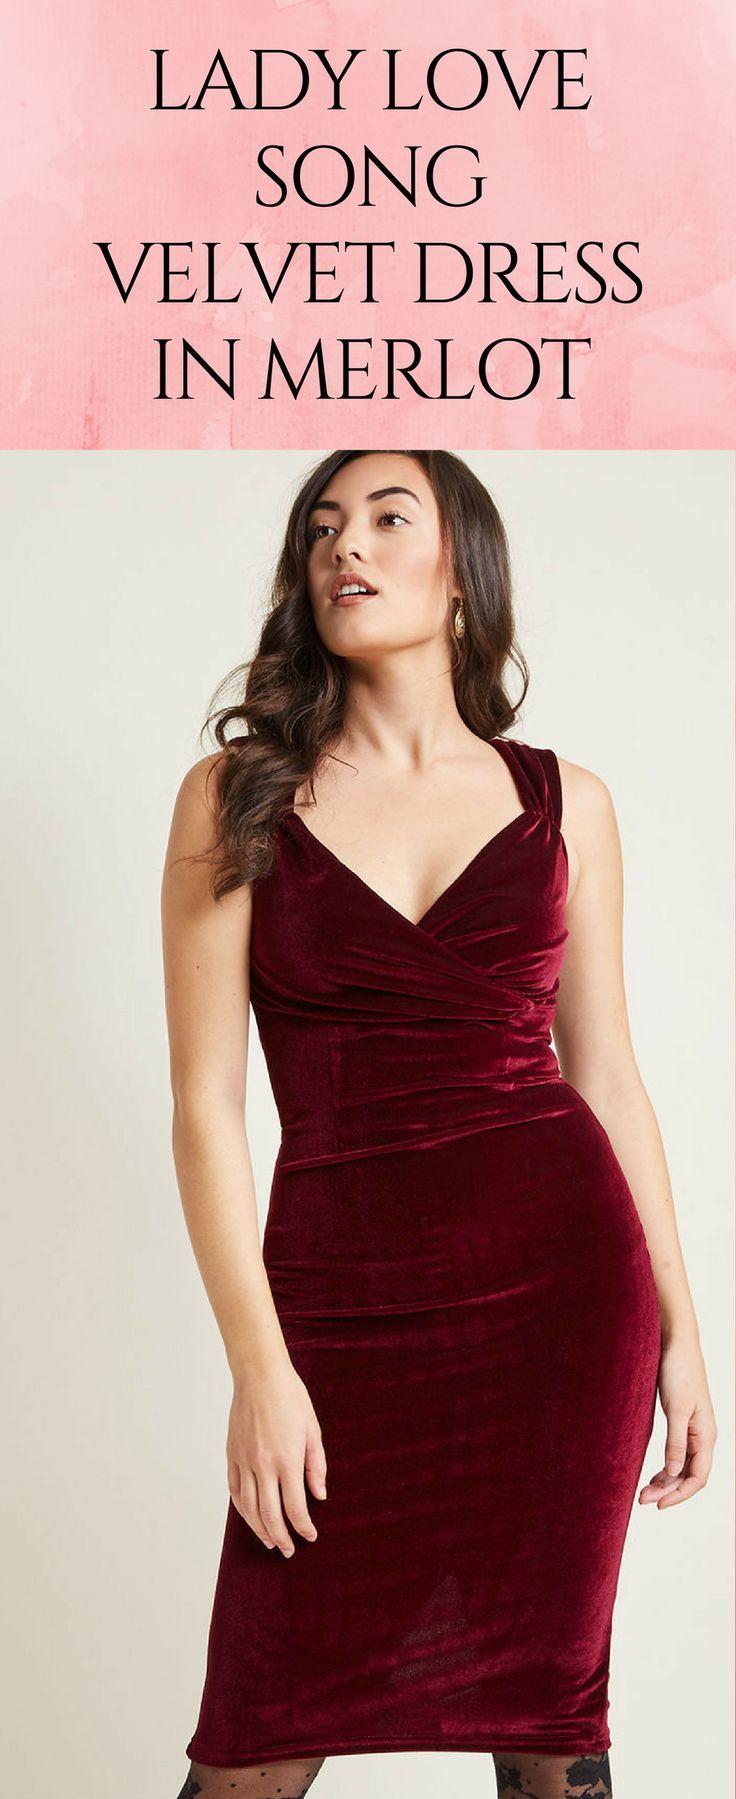 Velvet sheath formal dress in dark red merlot plus sizes available